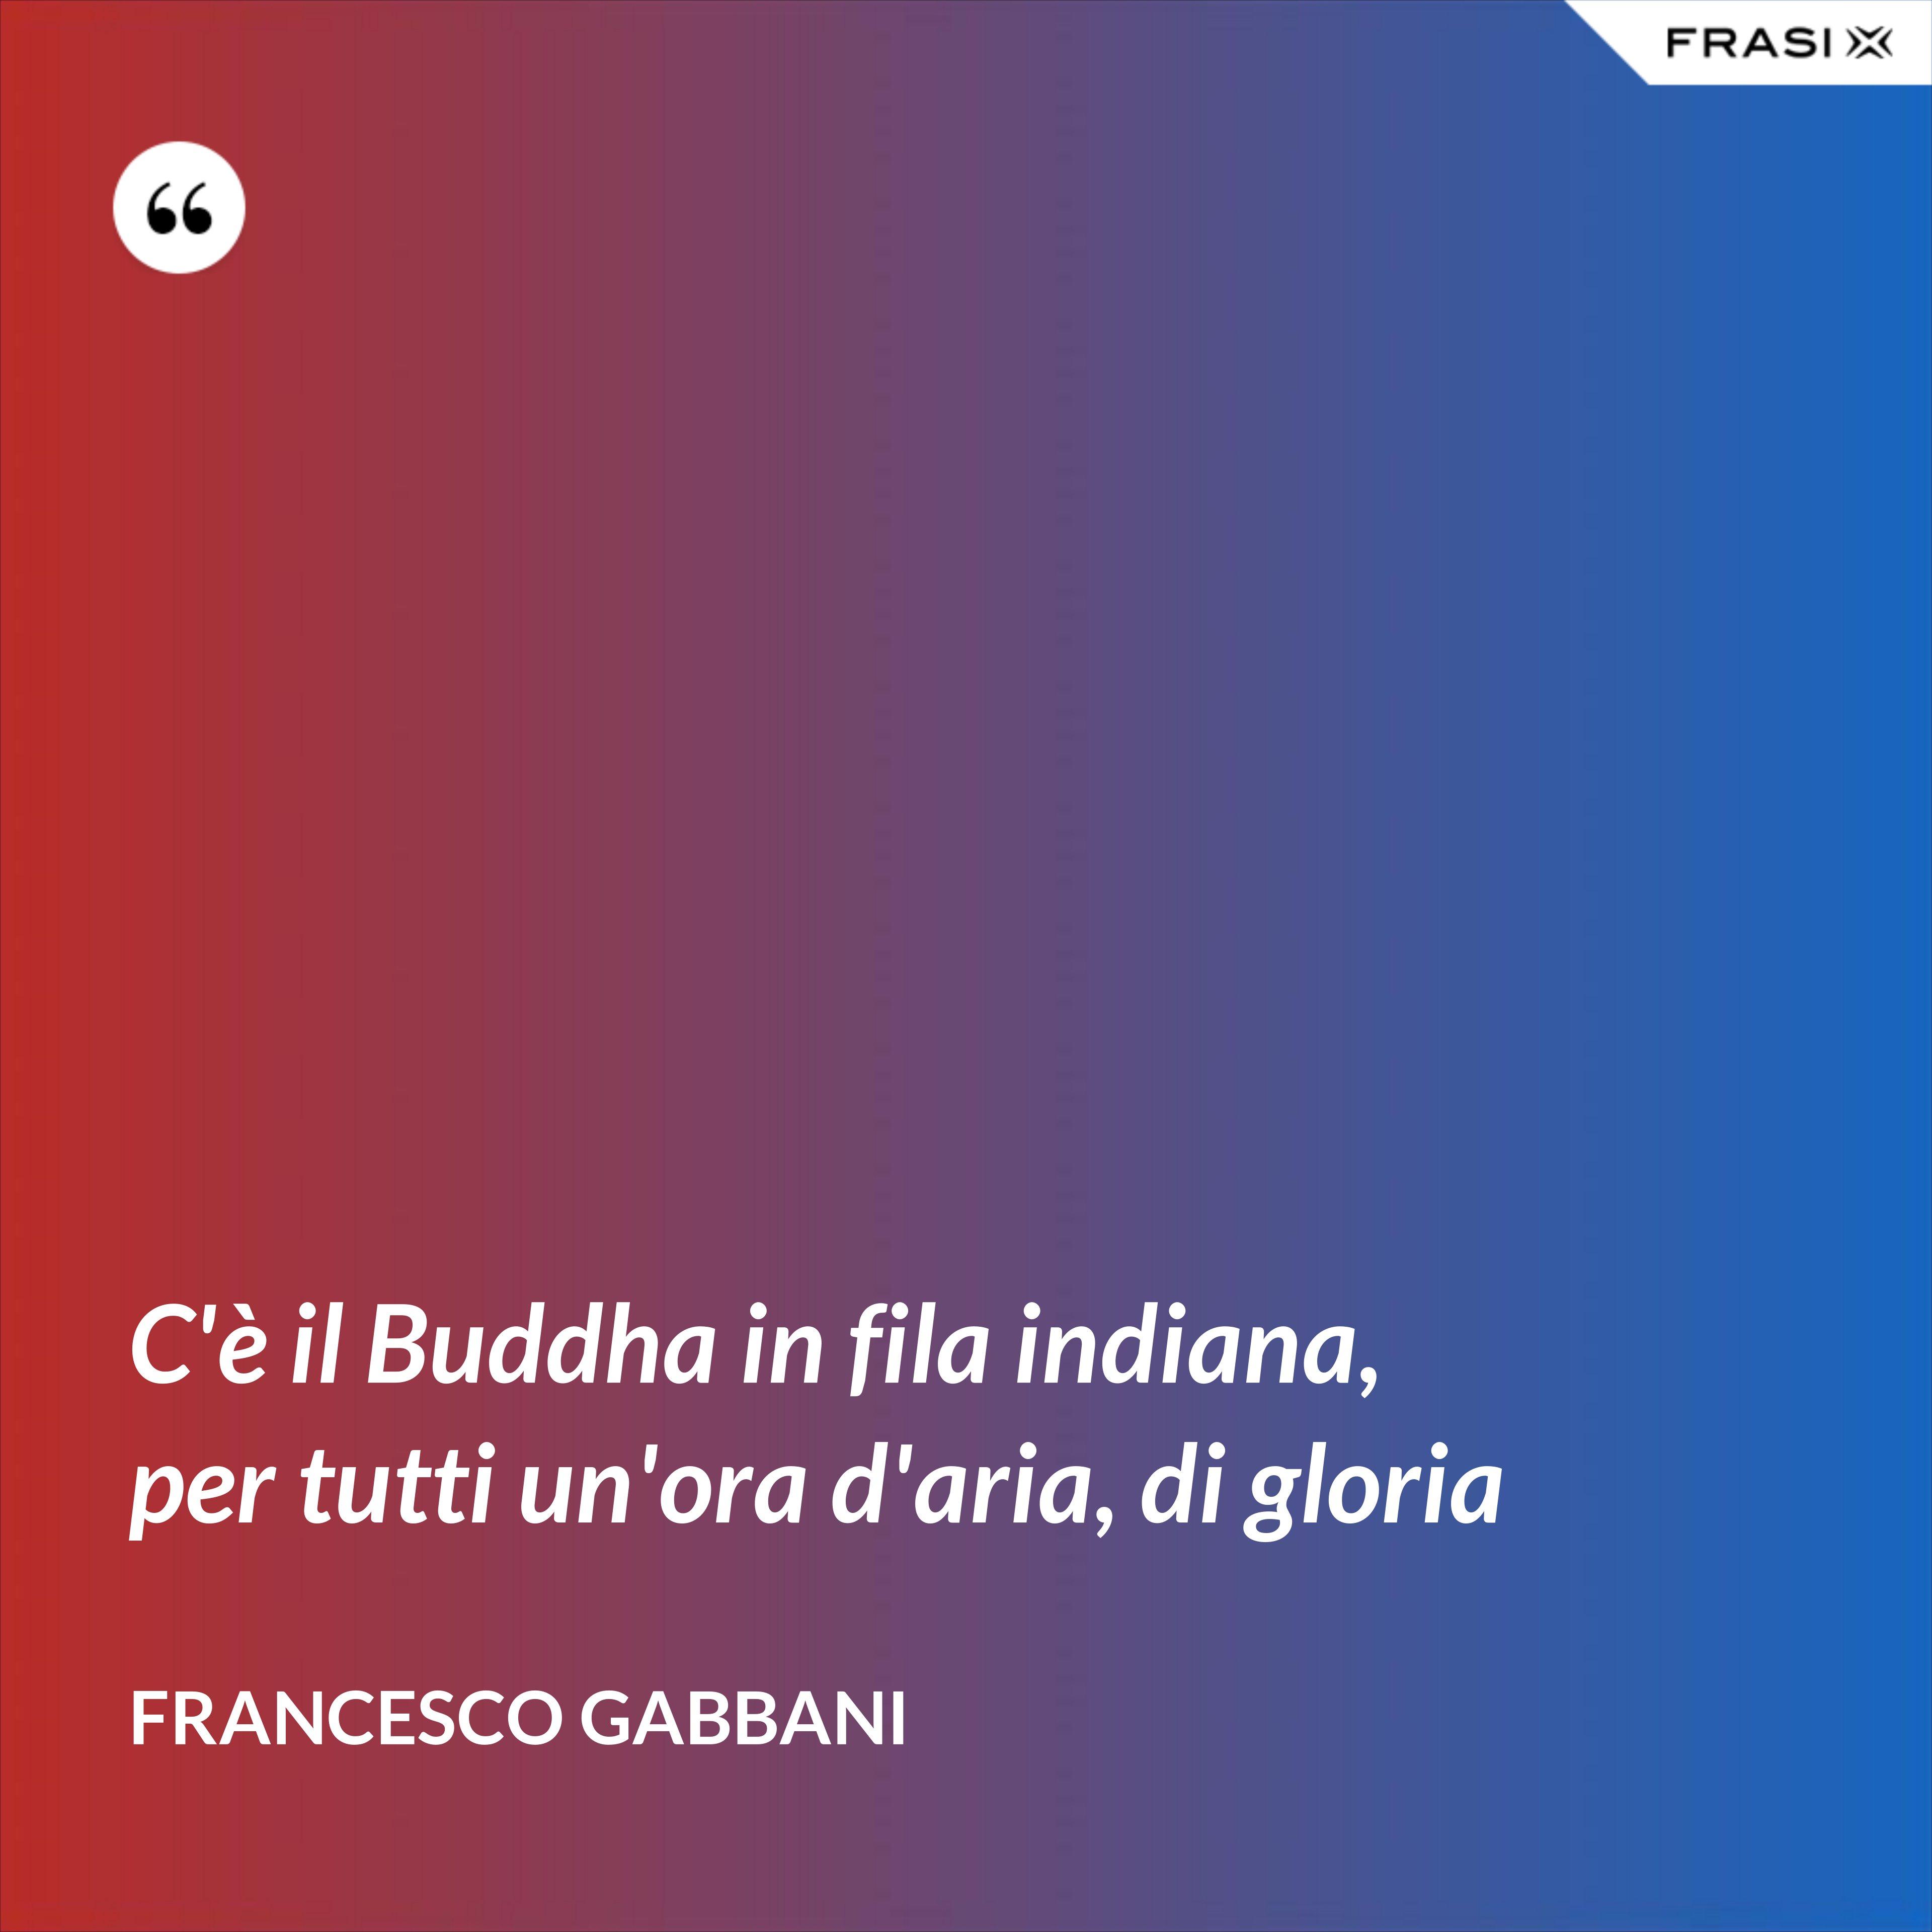 C'è il Buddha in fila indiana, per tutti un'ora d'aria, di gloria - Francesco Gabbani